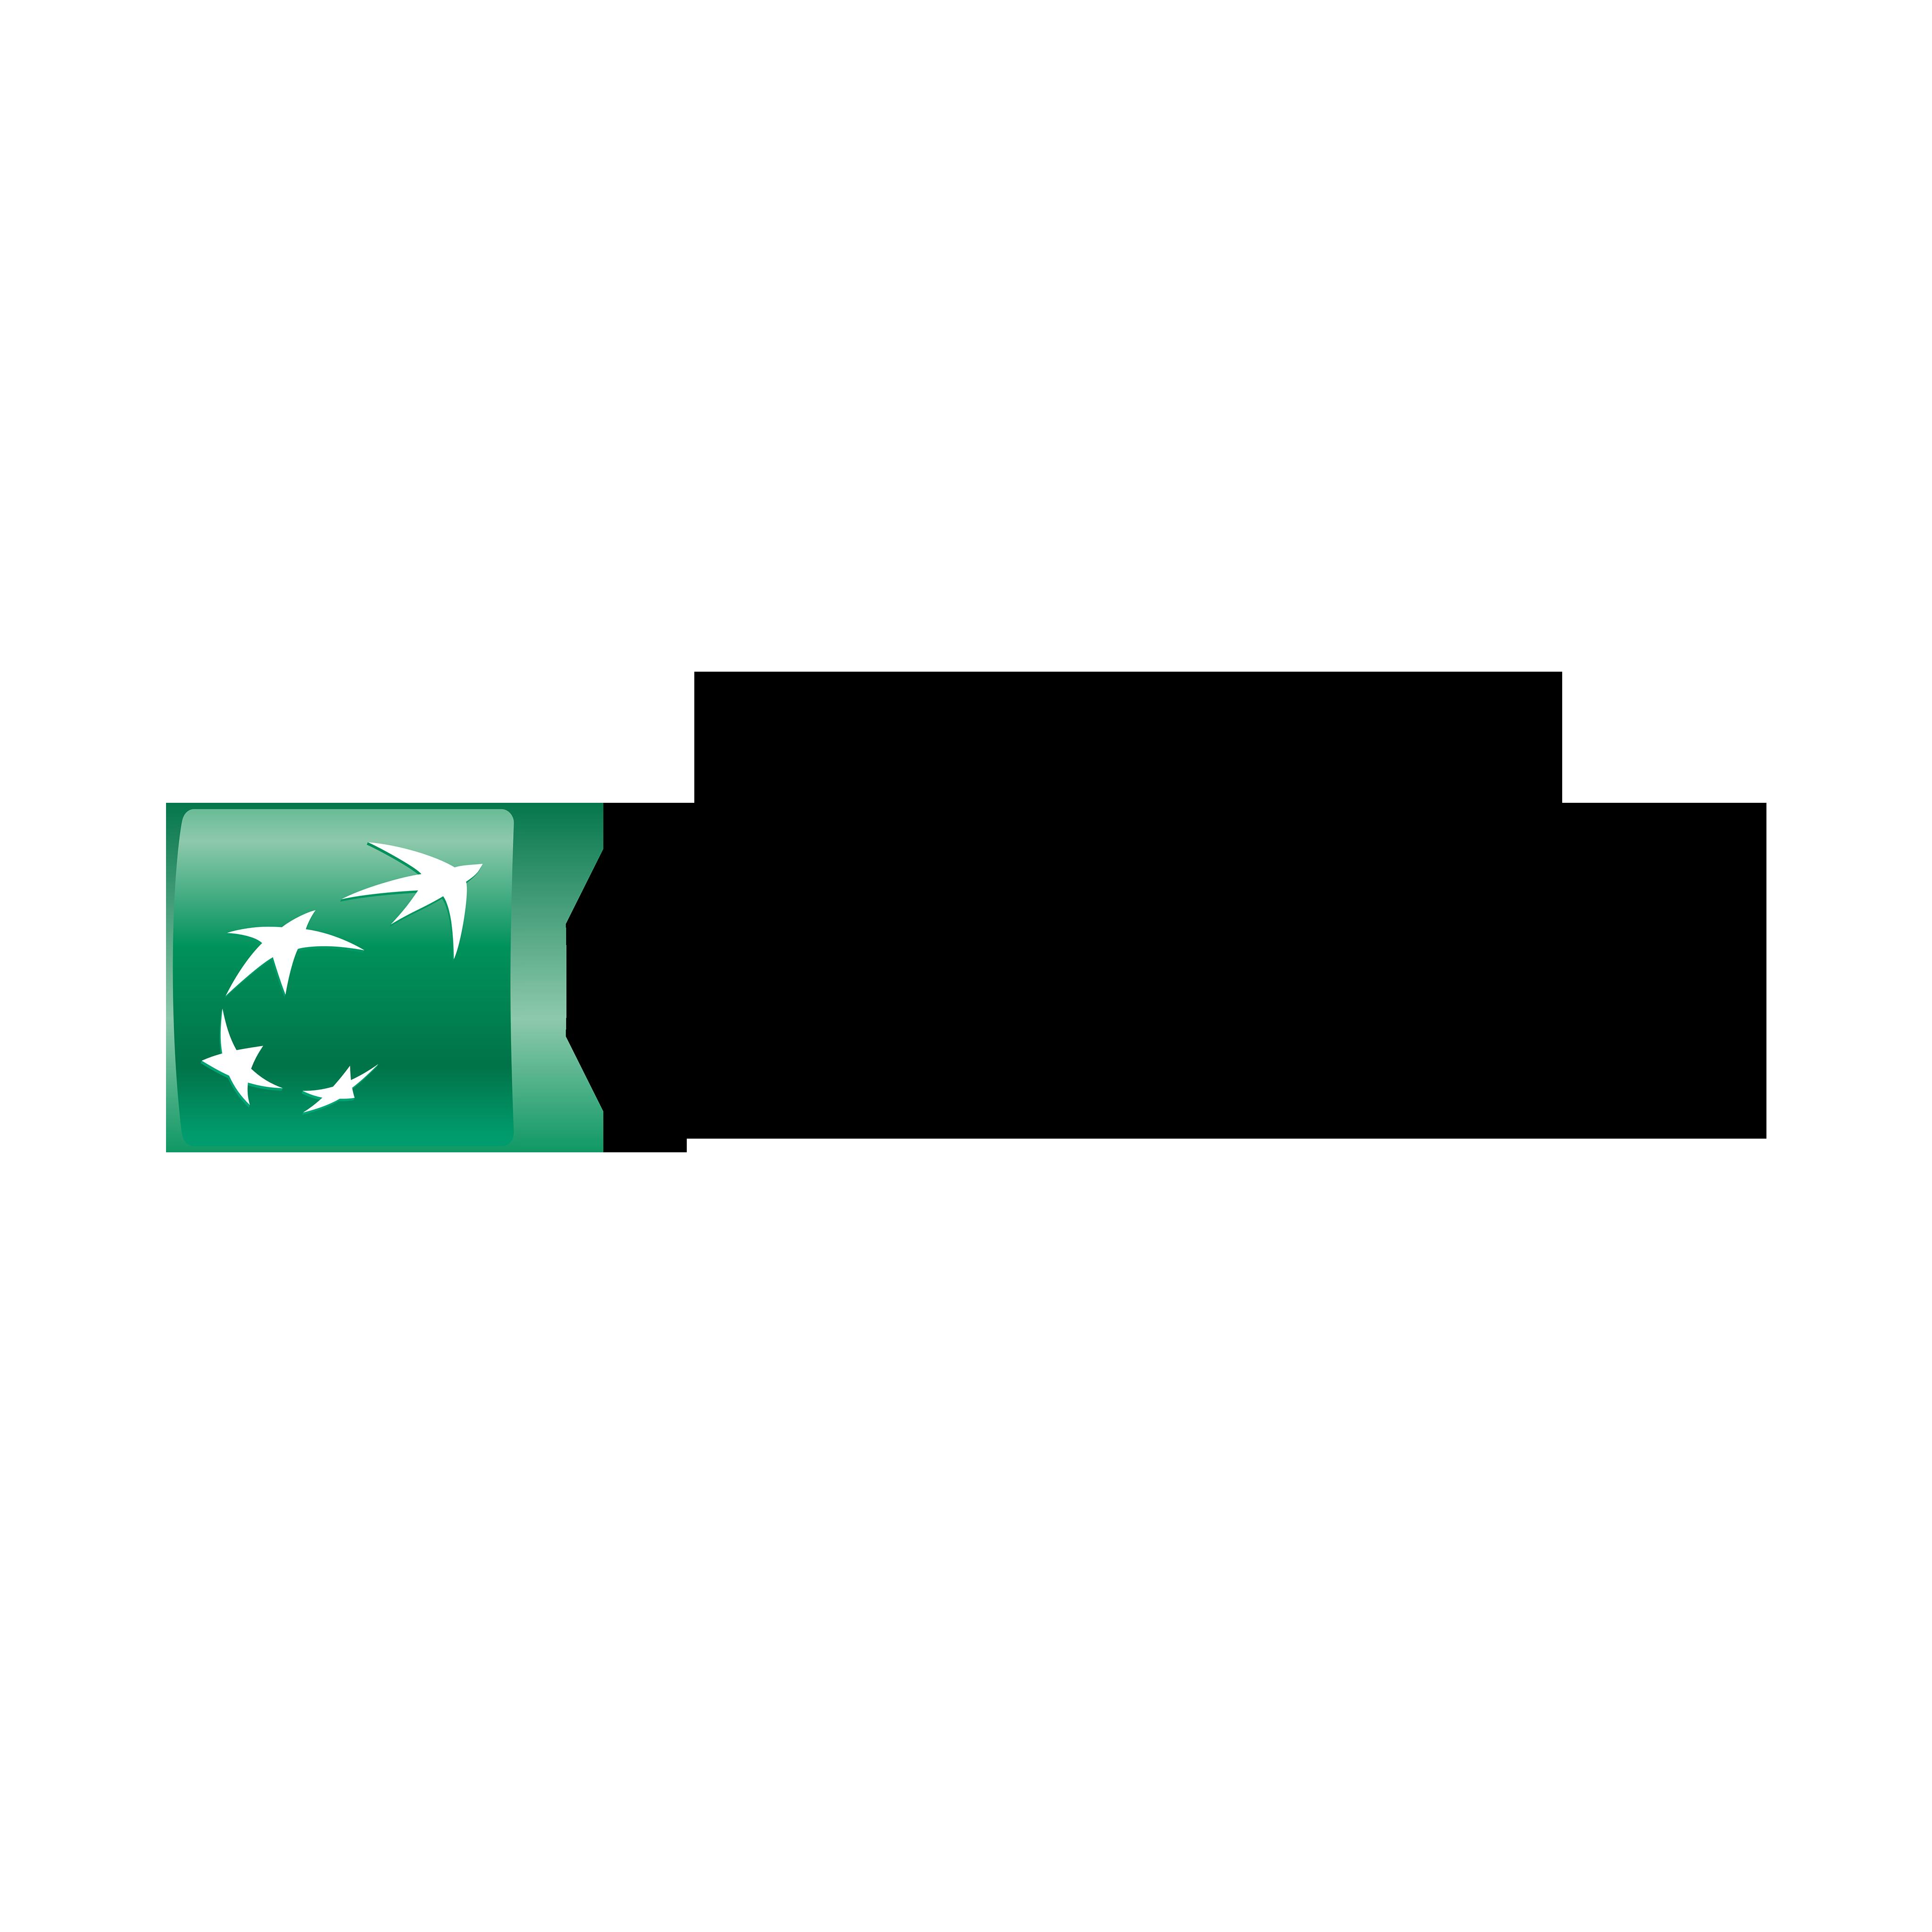 Gresham-Customer-Logos_0010_BNP_Paribas